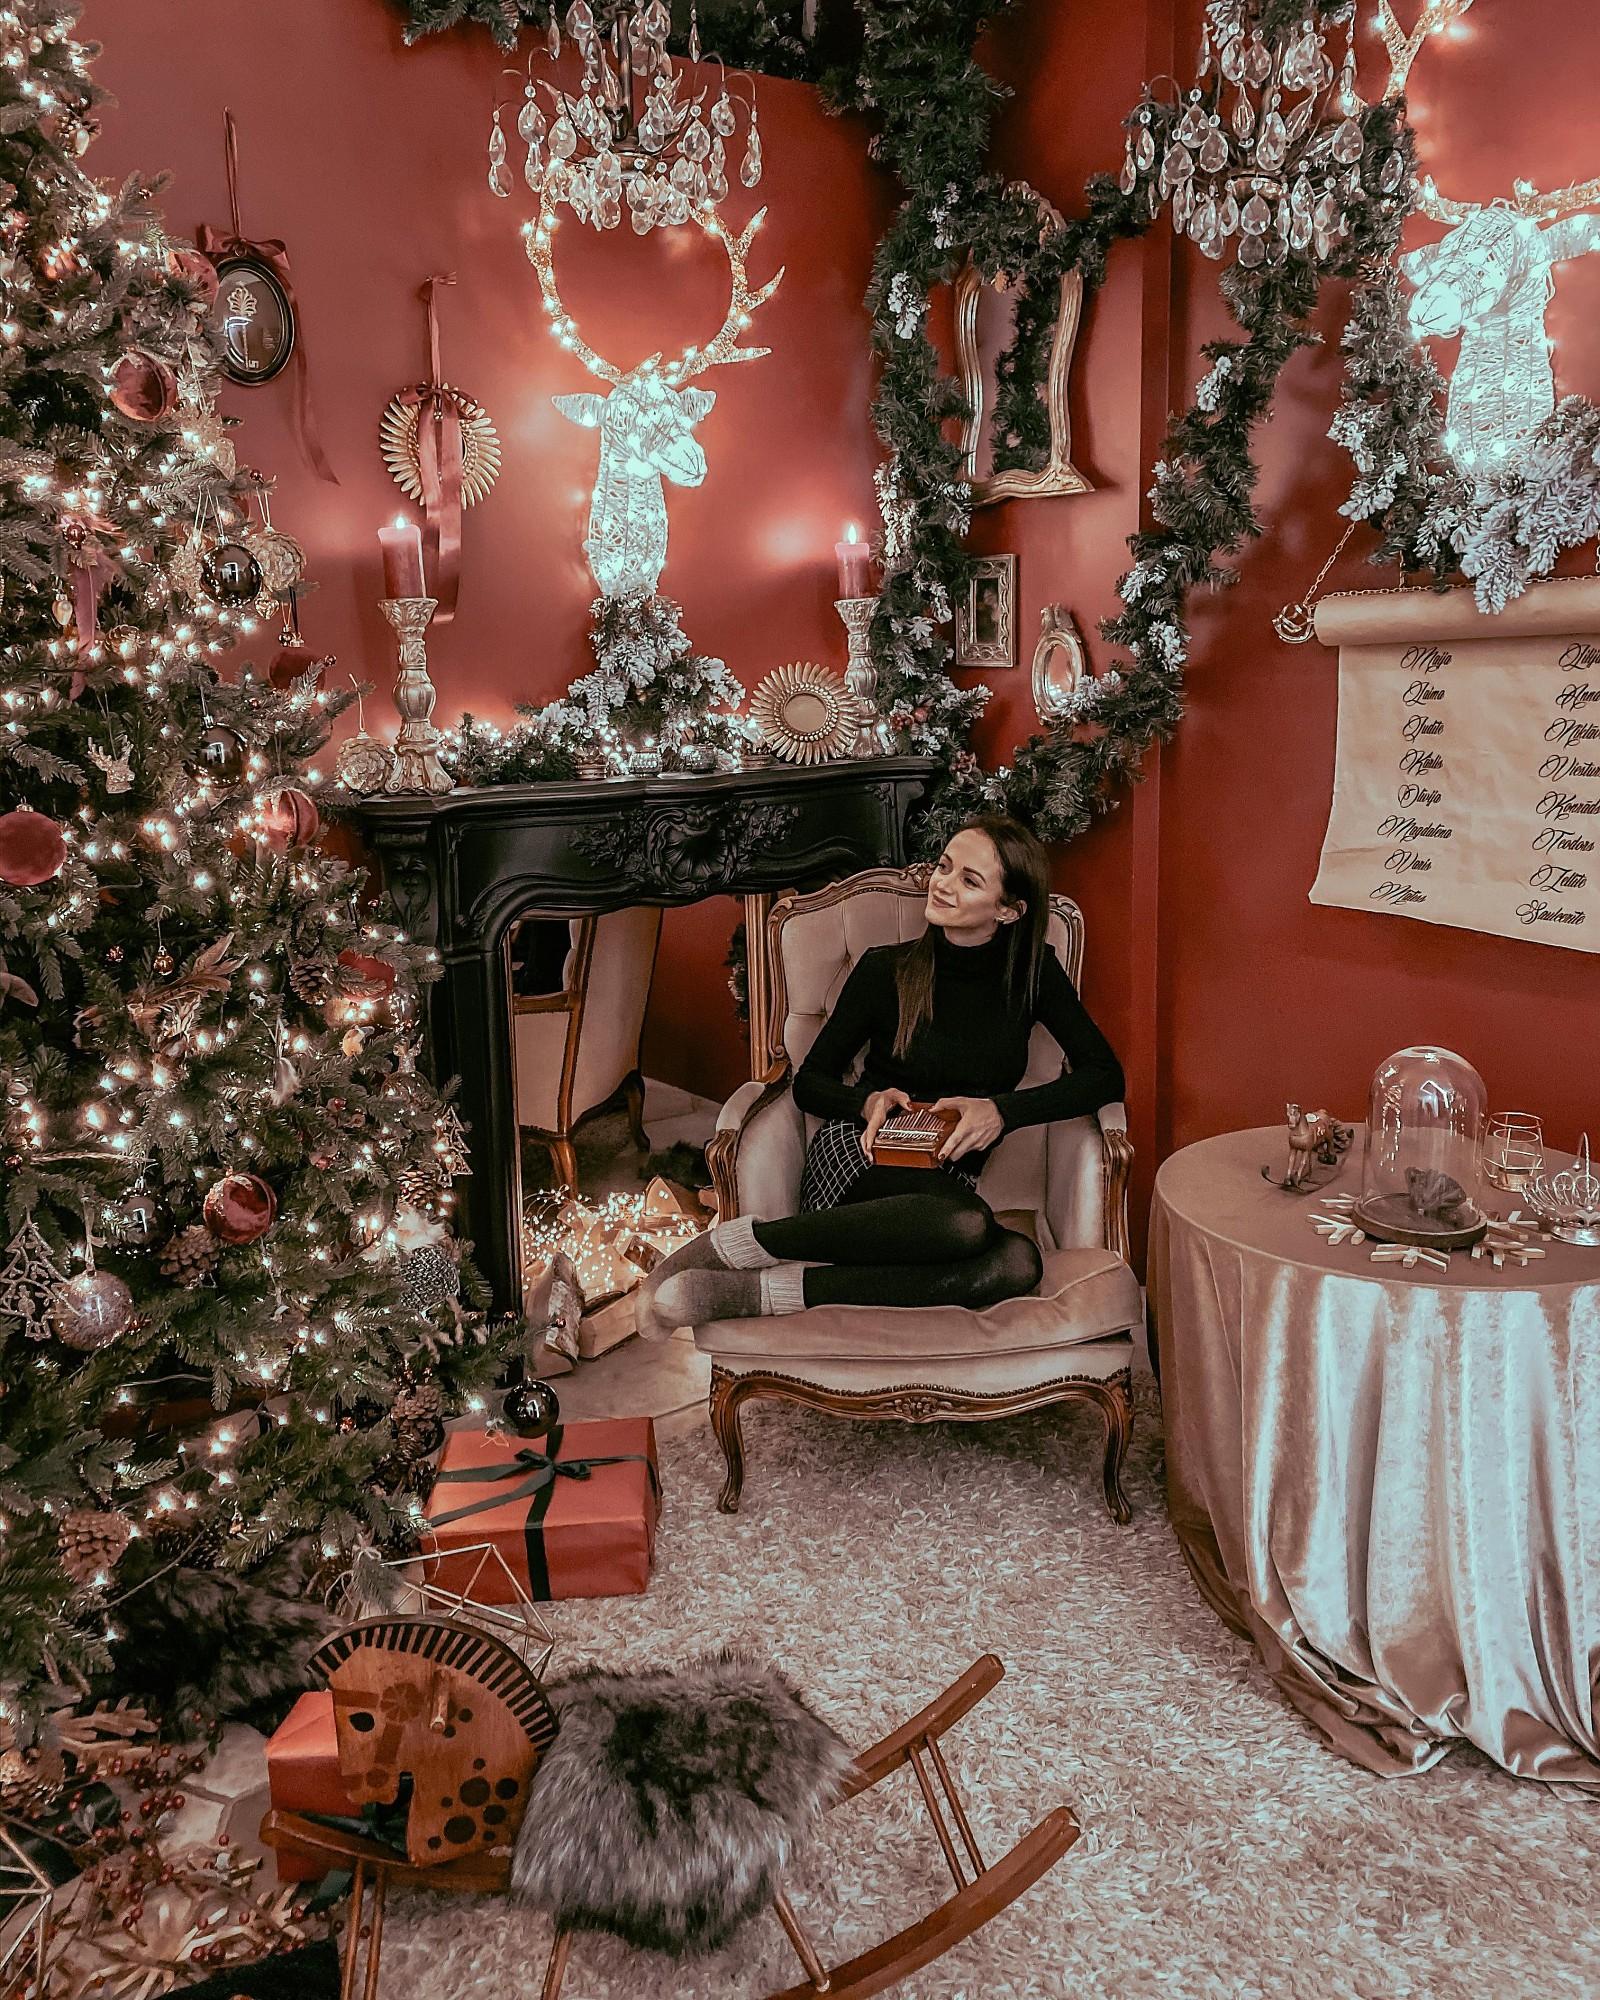 Marta Kauliņa un Roberts Dinters rada savu skanējumu pazīstamajai Ziemassvētku dziesmai par mazo bundzinieku